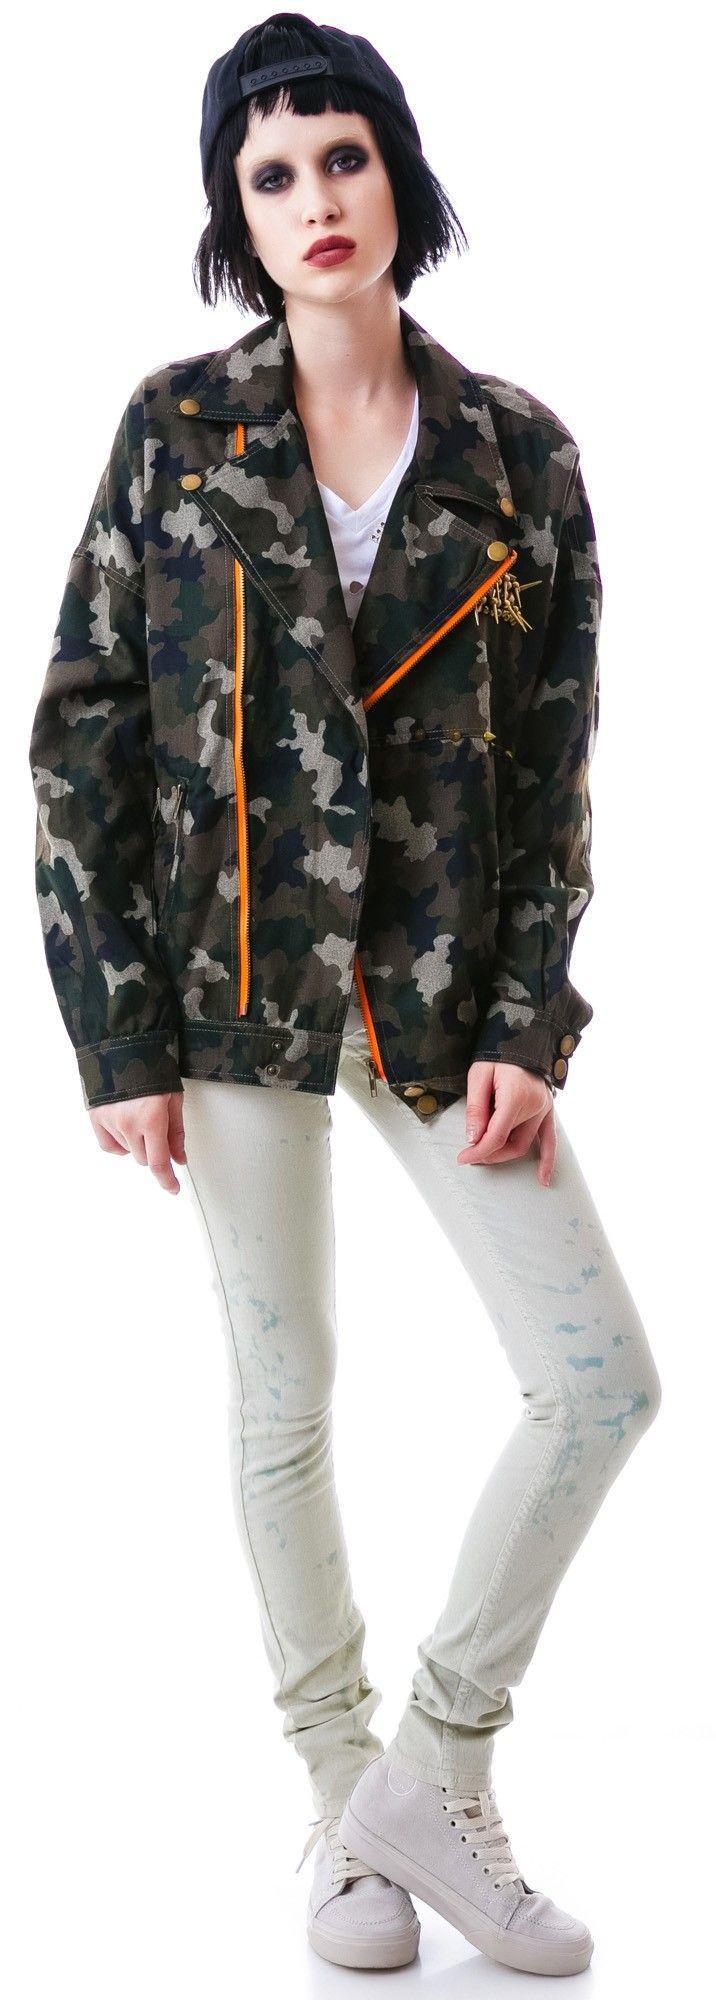 Cadet Kelly Camo Jacket #boydollsincamo